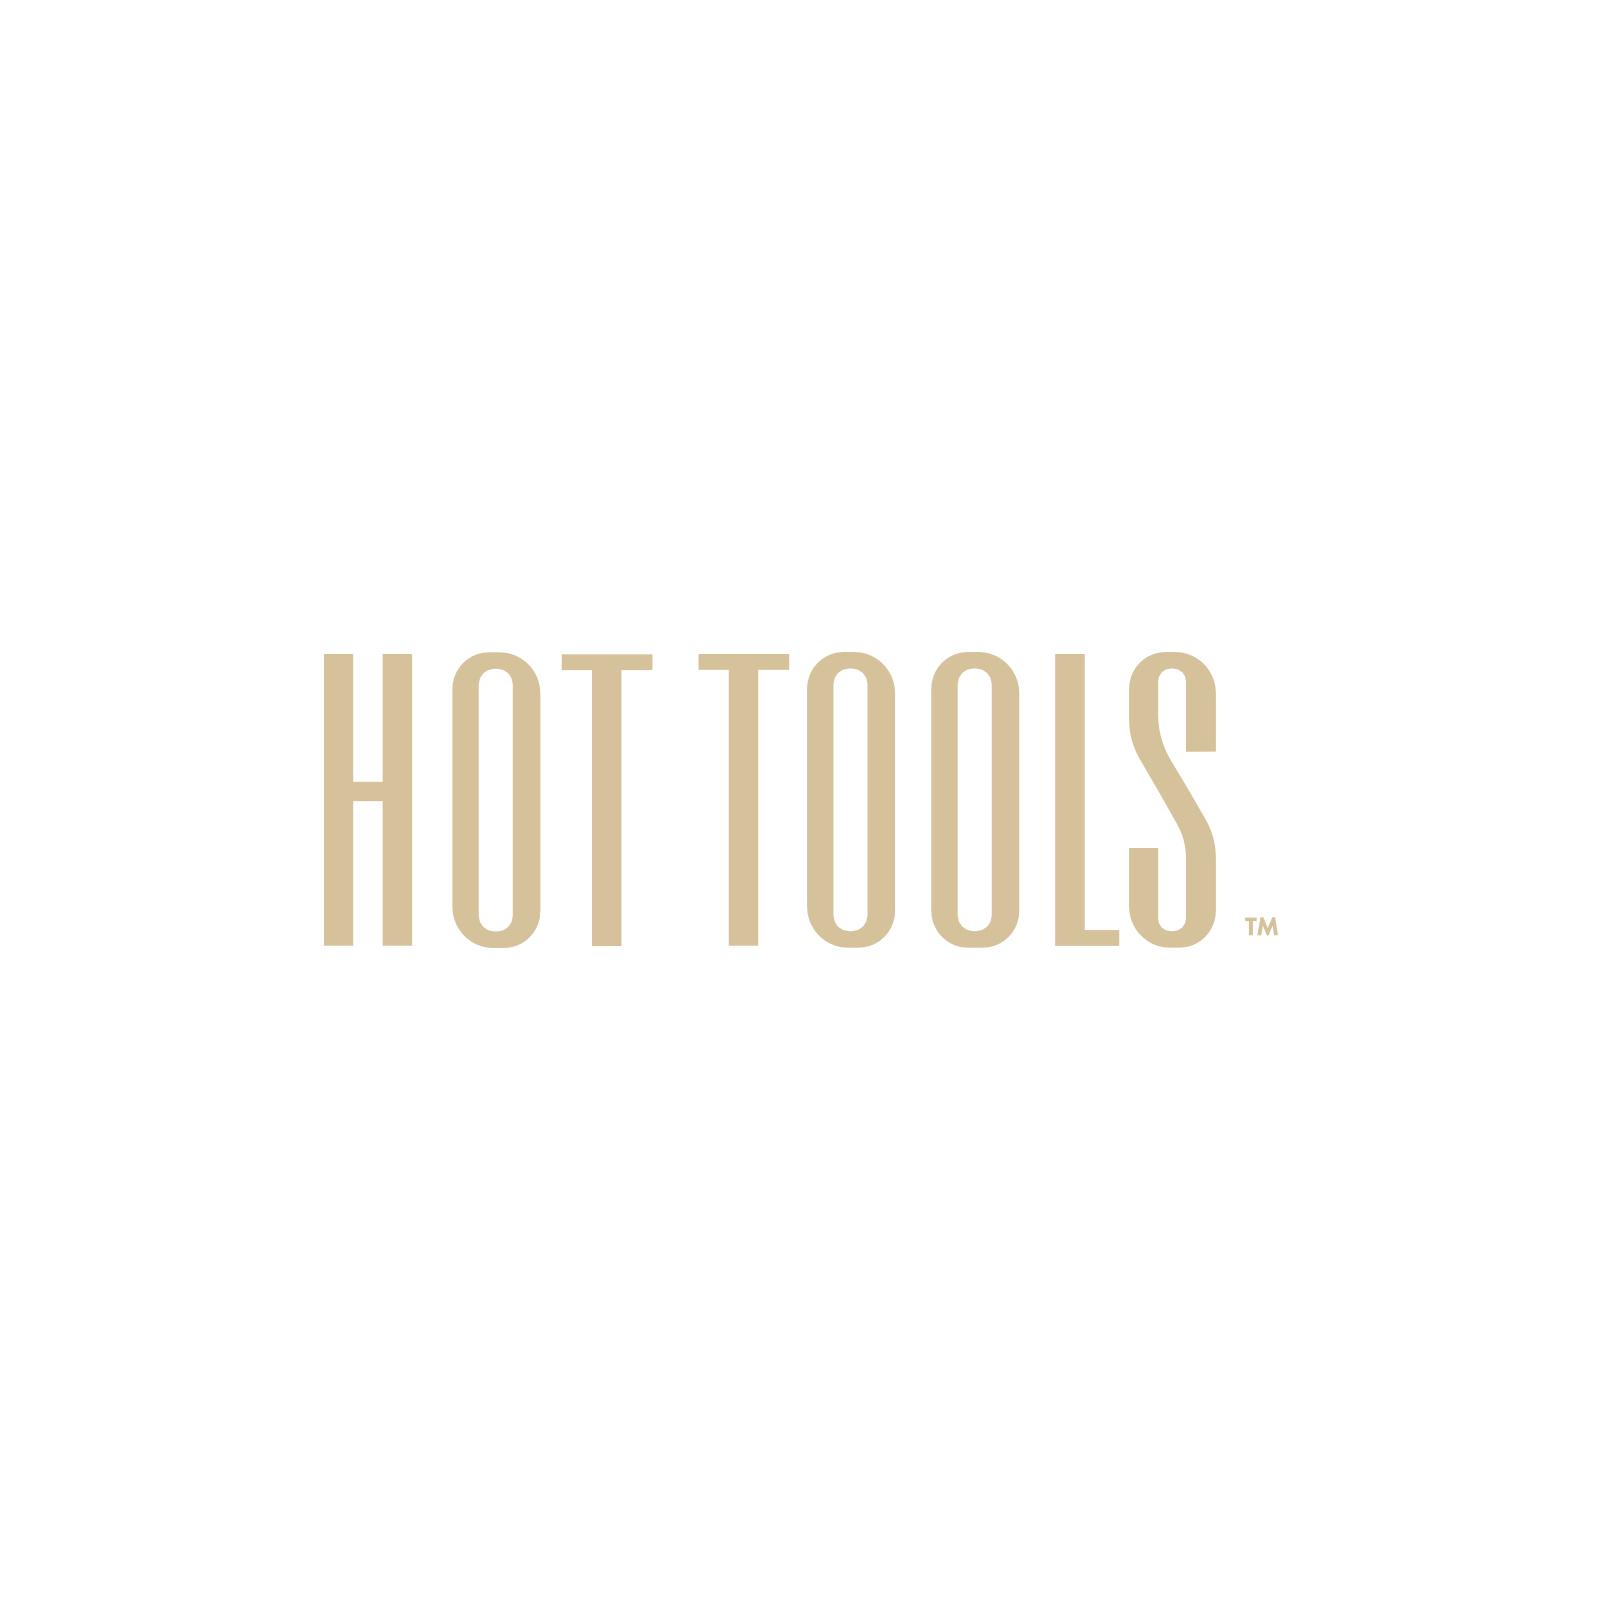 HOT TOOLS Signature Series Ionic Ceramic Salon Hair Dryer